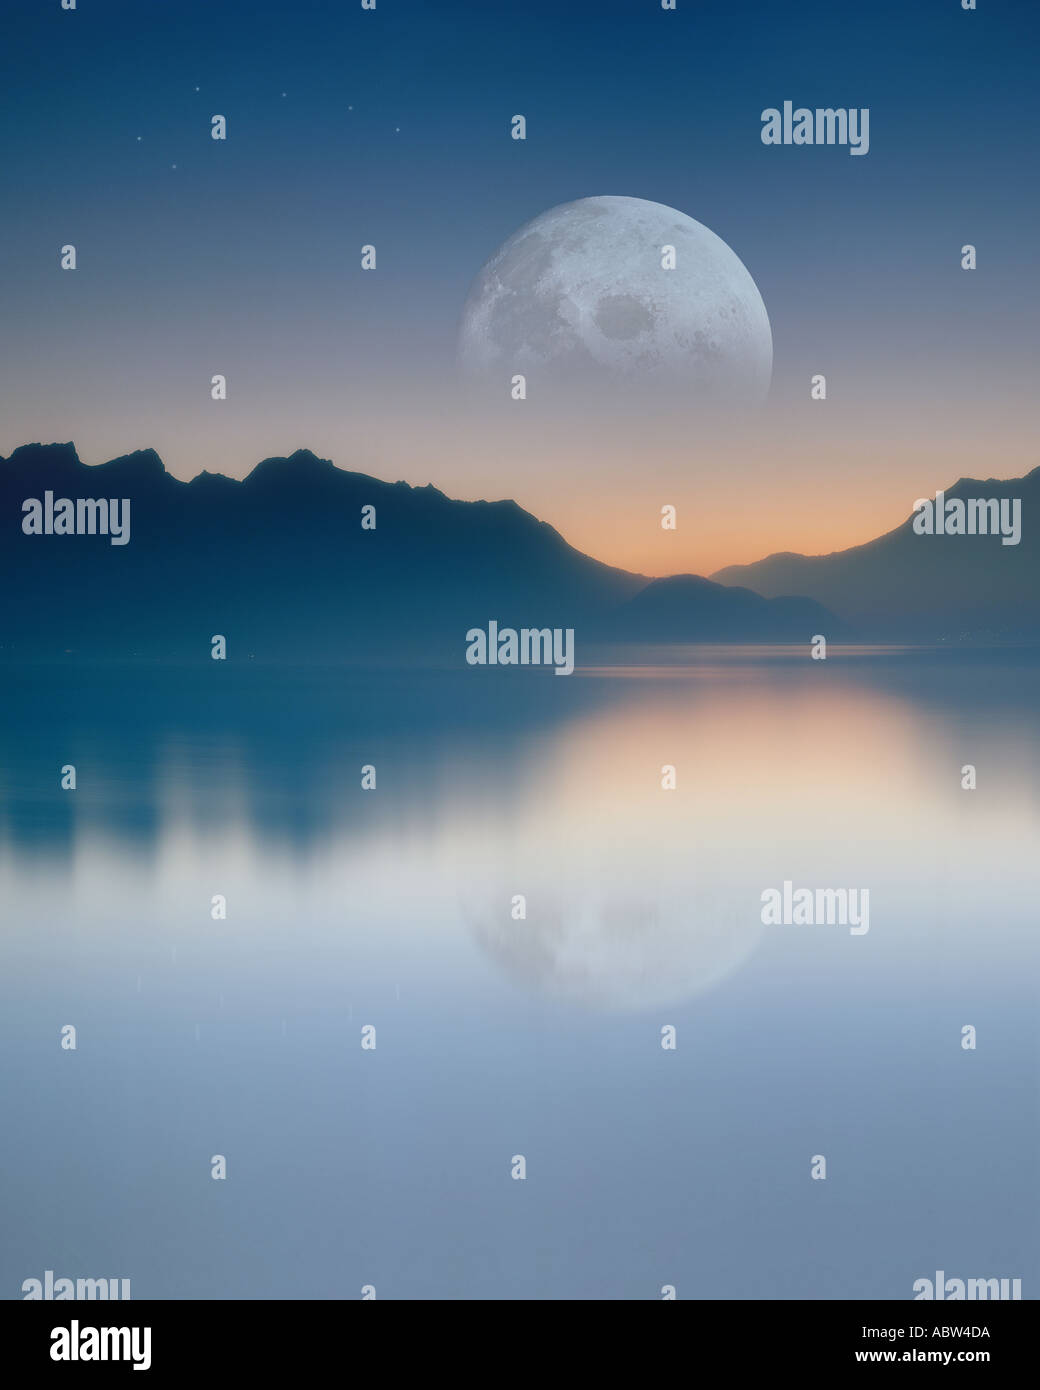 CH - VAUD: Lune sur le lac de Genève Photo Stock